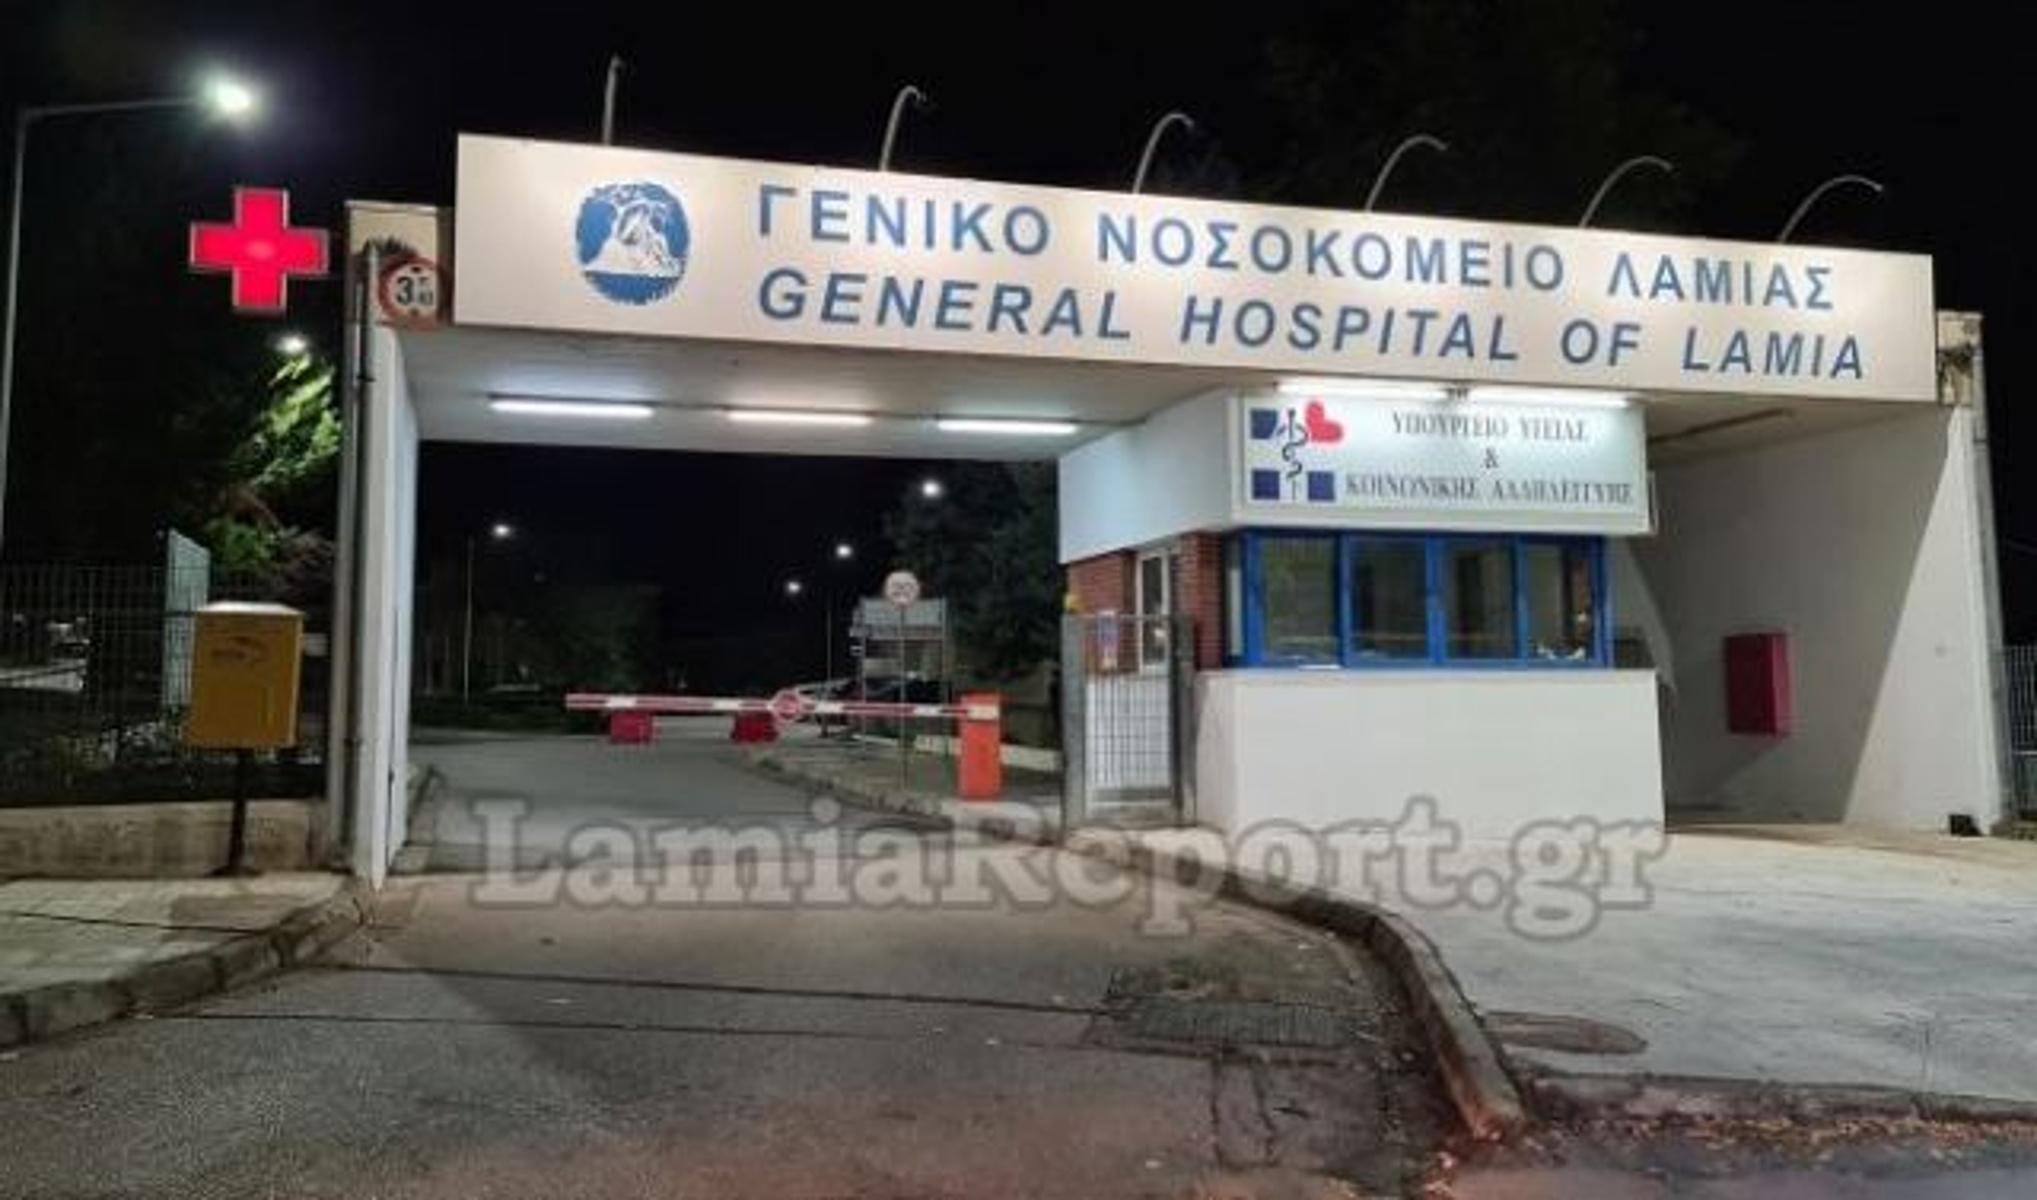 Λαμία: Πέθανε από ανακοπή ασθενής με κορονοϊό